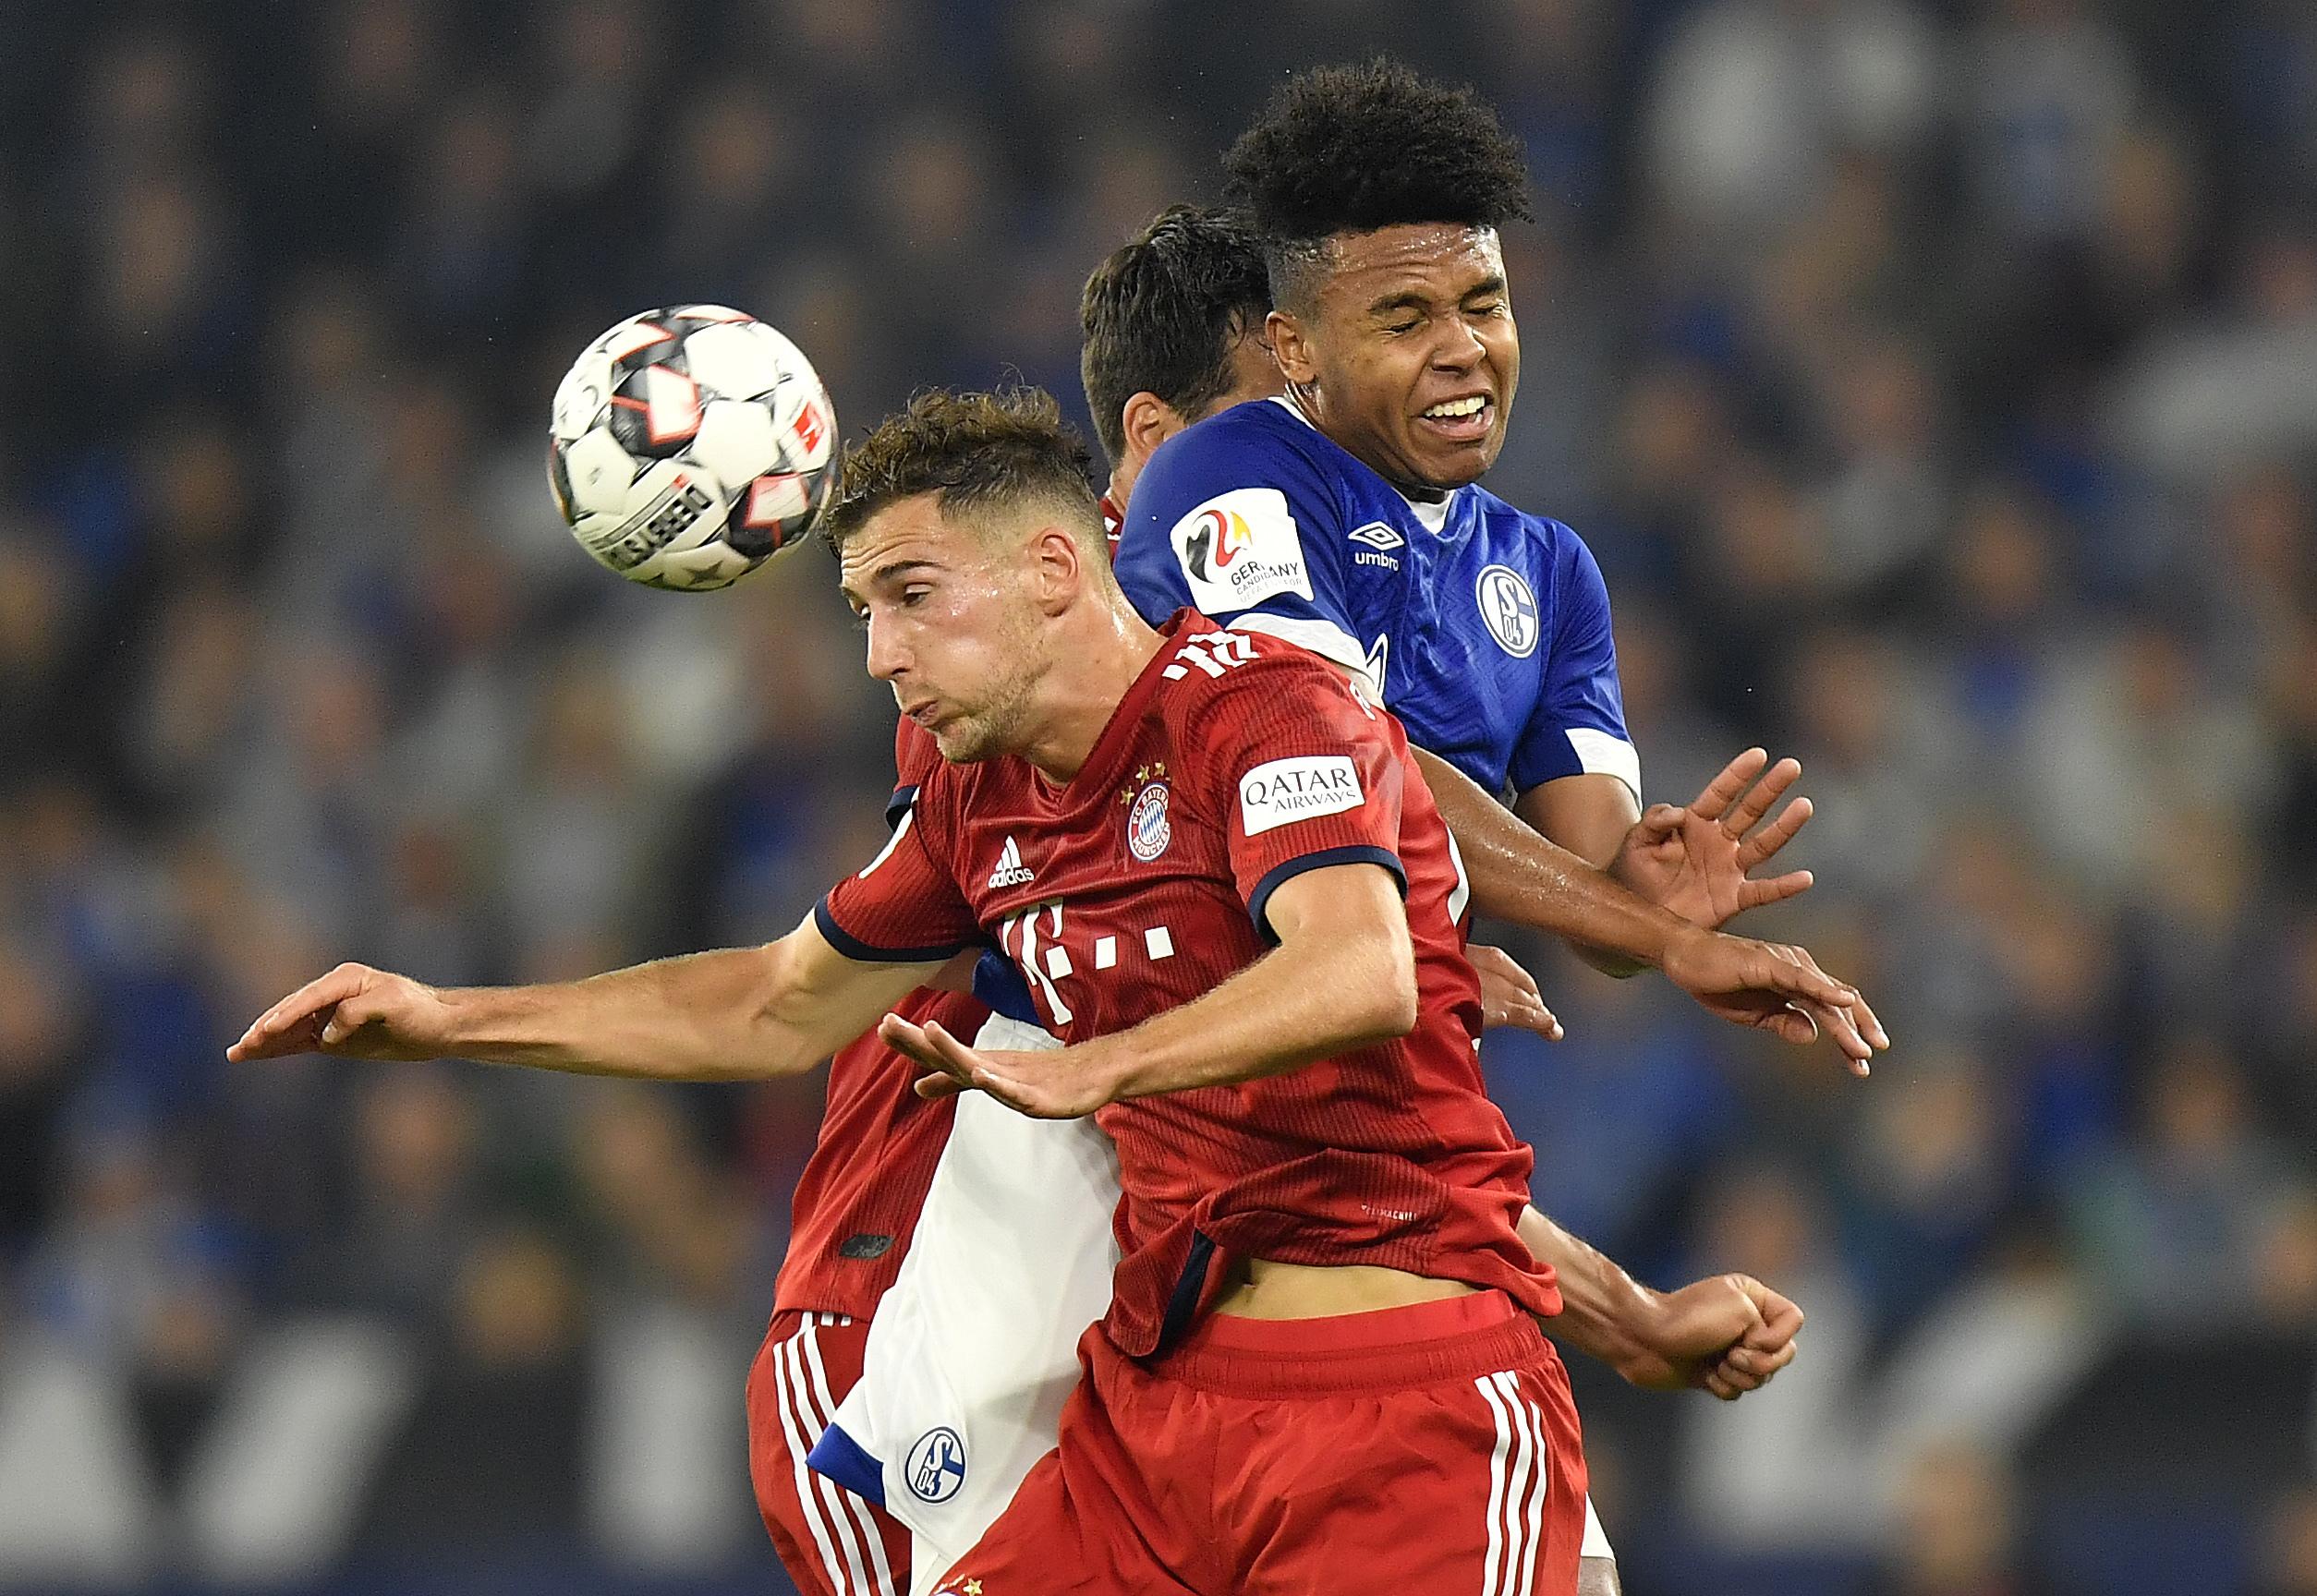 Schalke midfielder Weston McKennie injured against Bayern